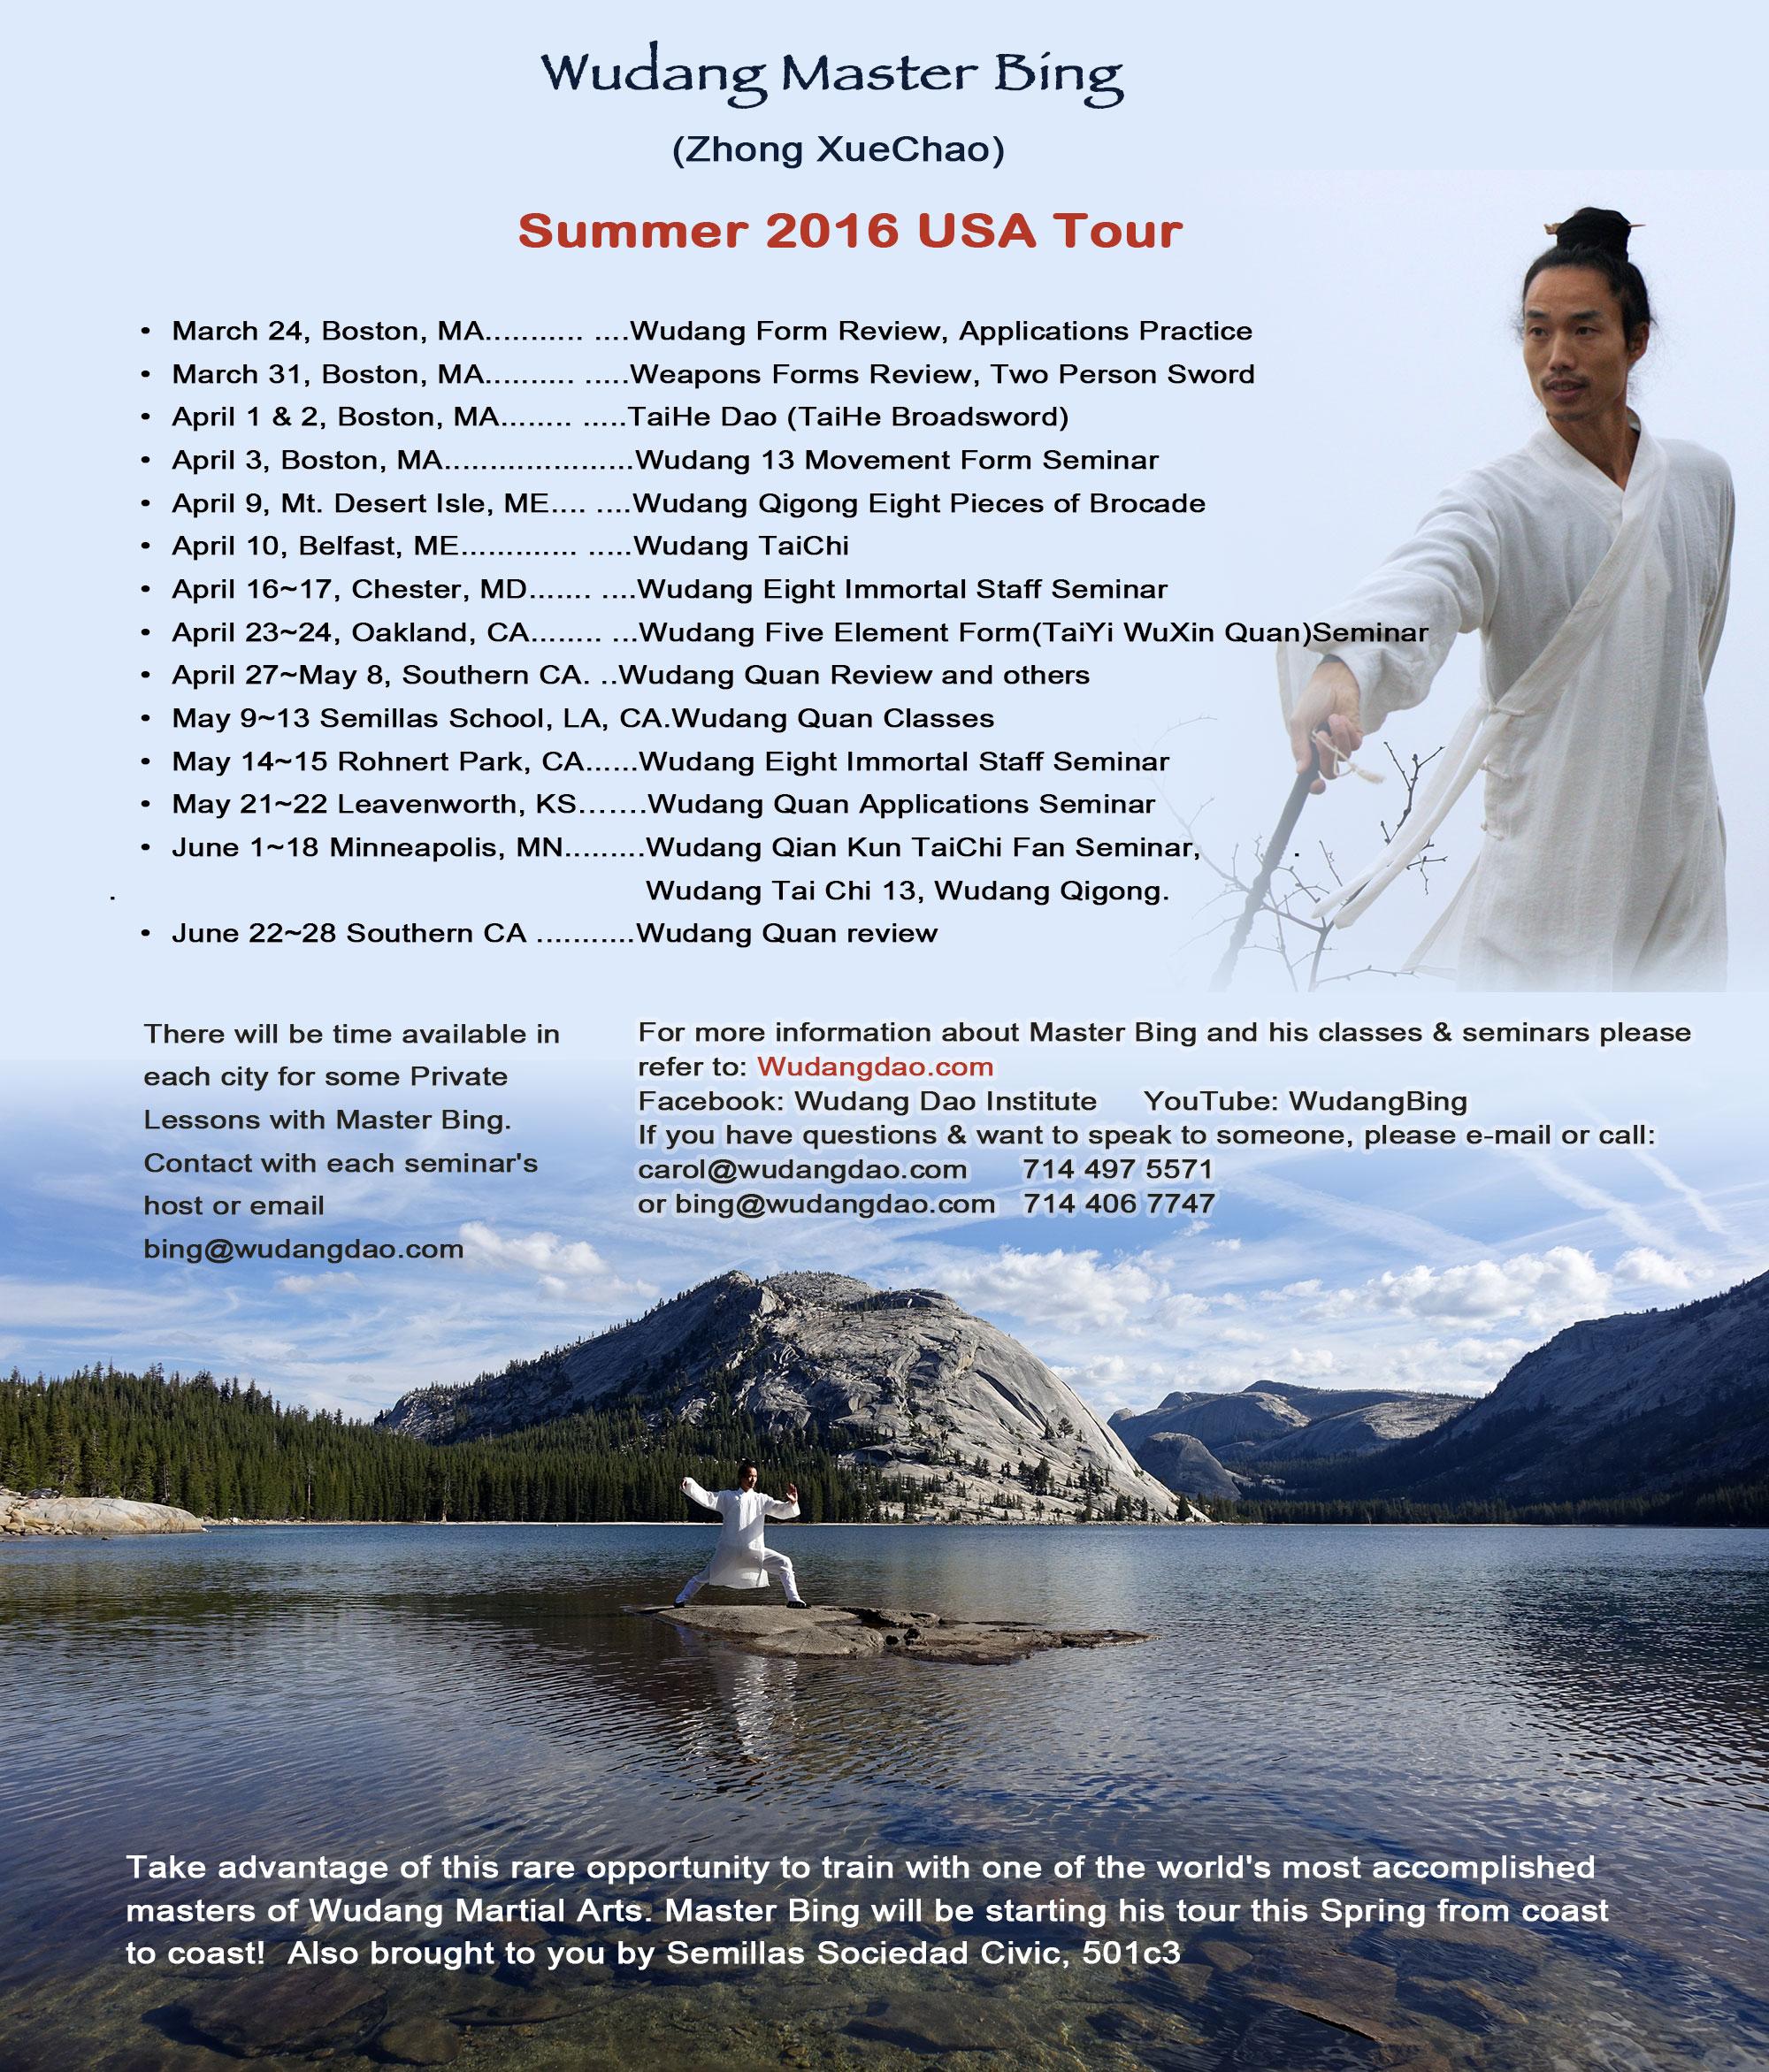 Wudang Master Bing USA tour